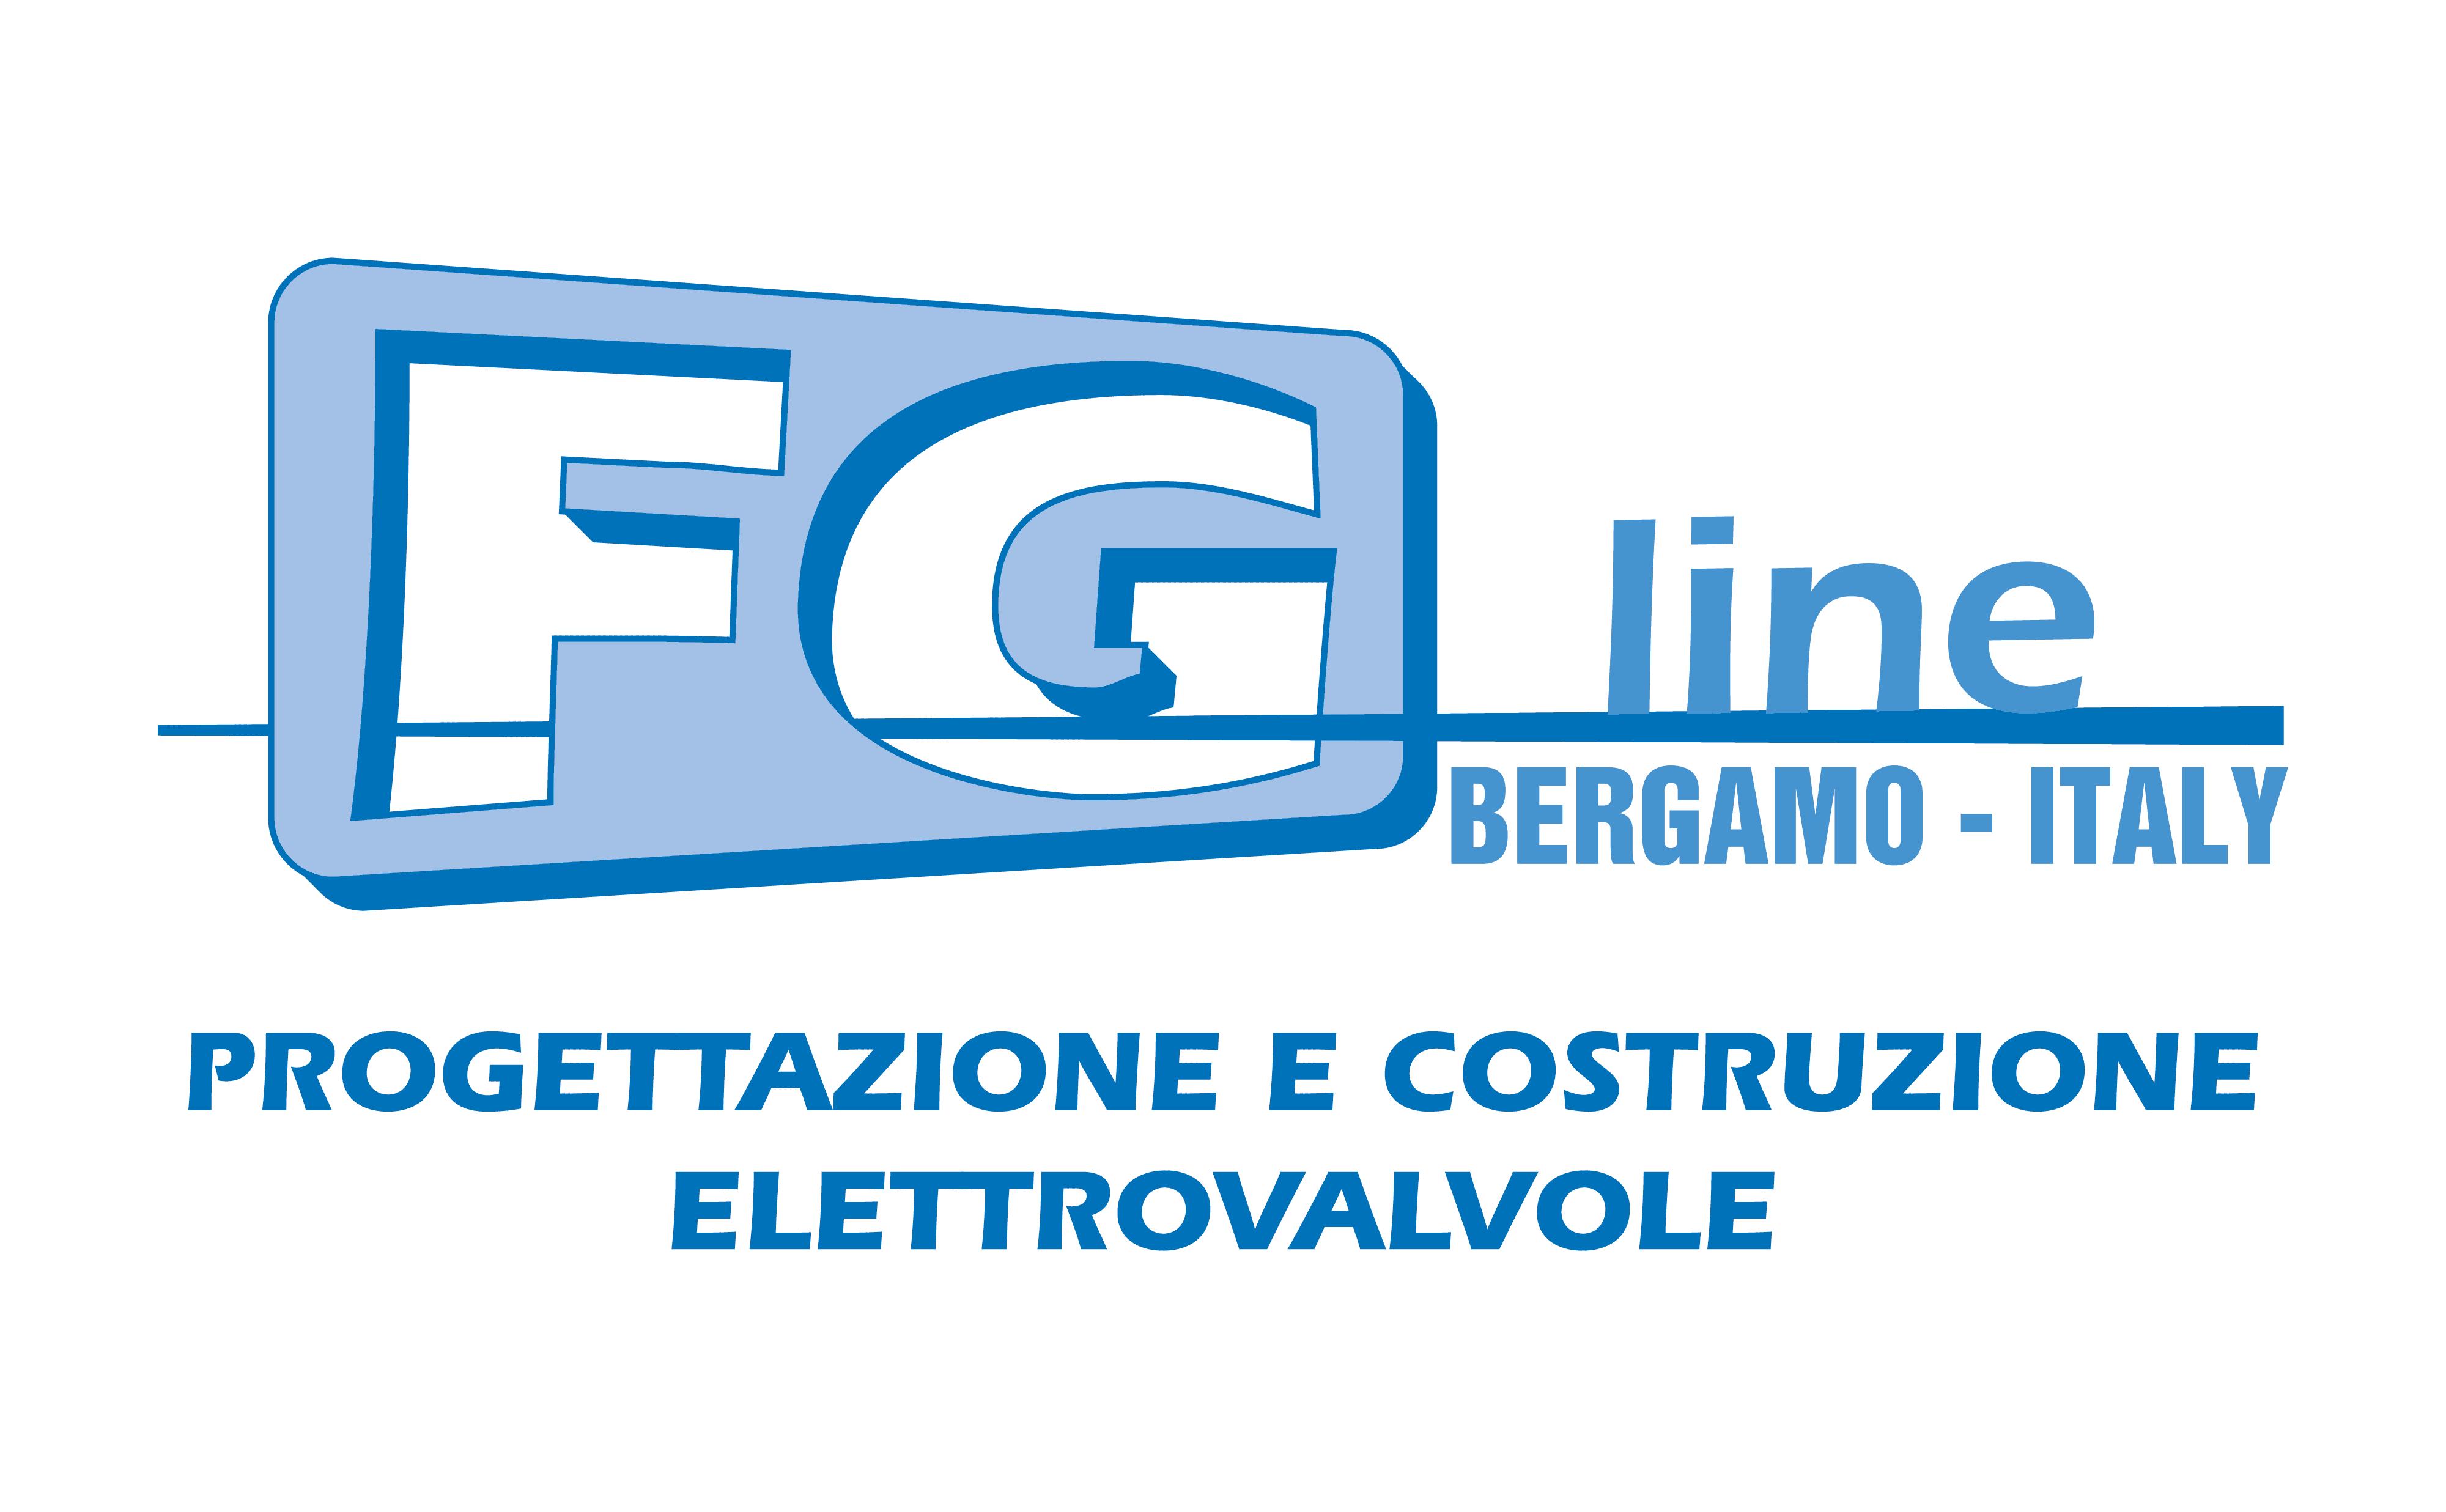 FG-line